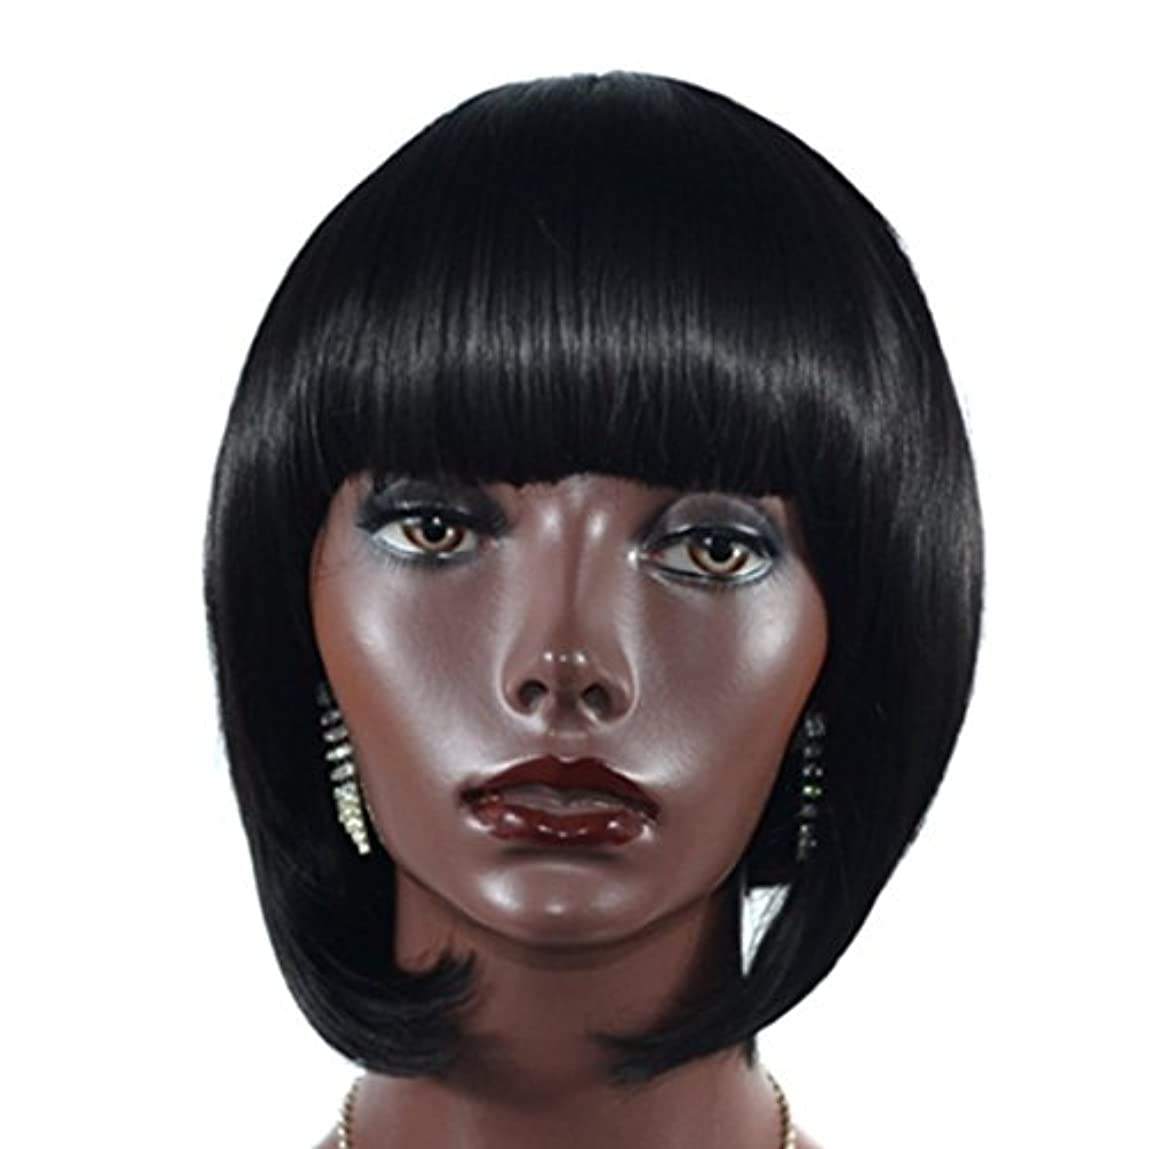 人事爆発する香りYOUQIU フラット前髪ウィッグウィッグとの自然なリアルなガールズウィッグ-25センチメートルボボショートストレートウィッグ黒髪 (色 : 黒)